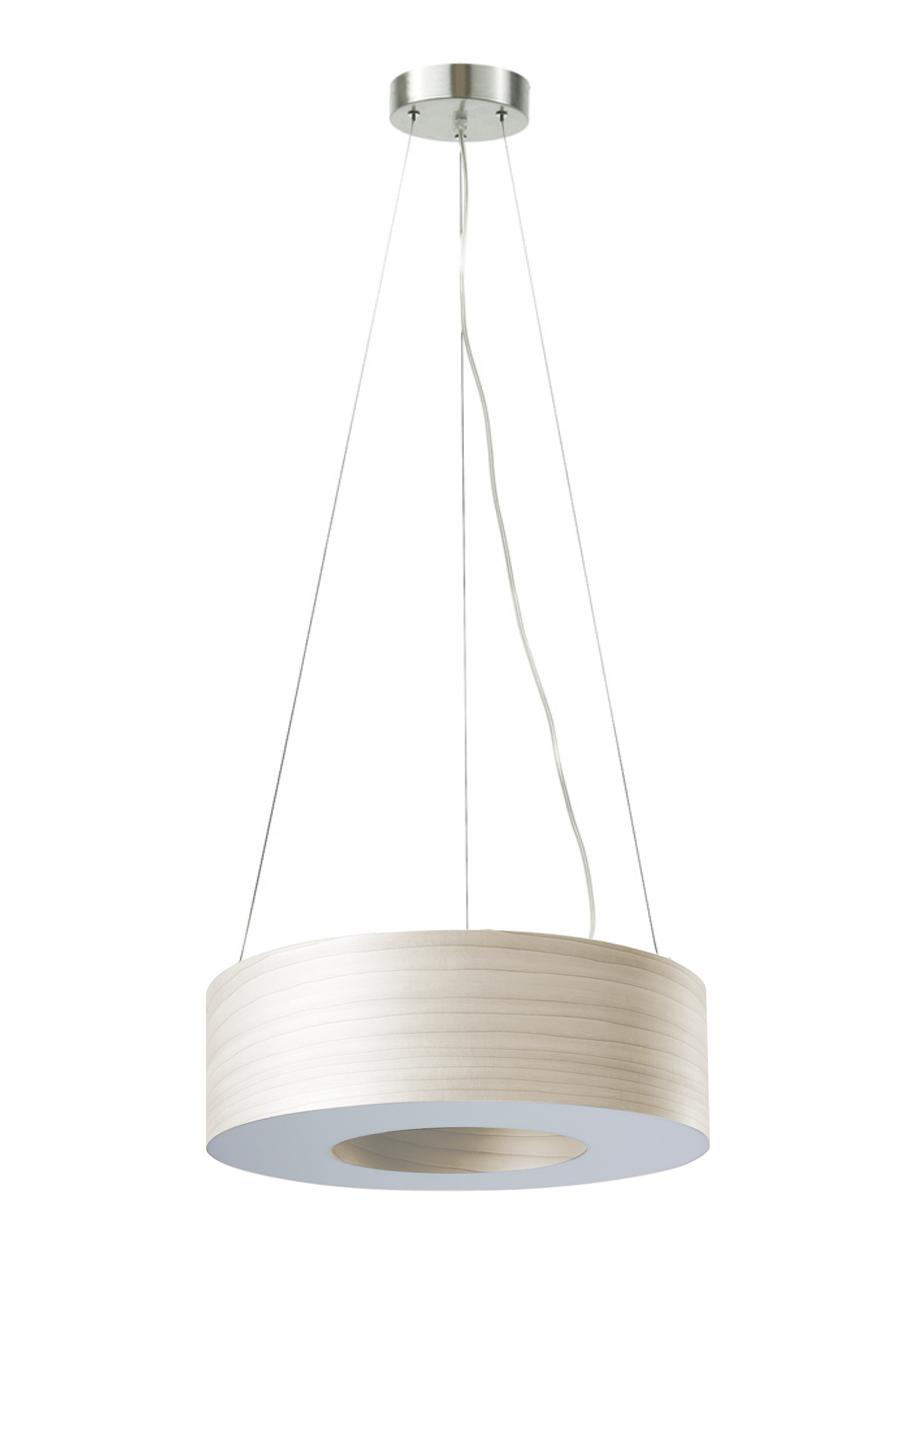 Lámparas LZF Saturnia Lamps diseño de BdreCxo